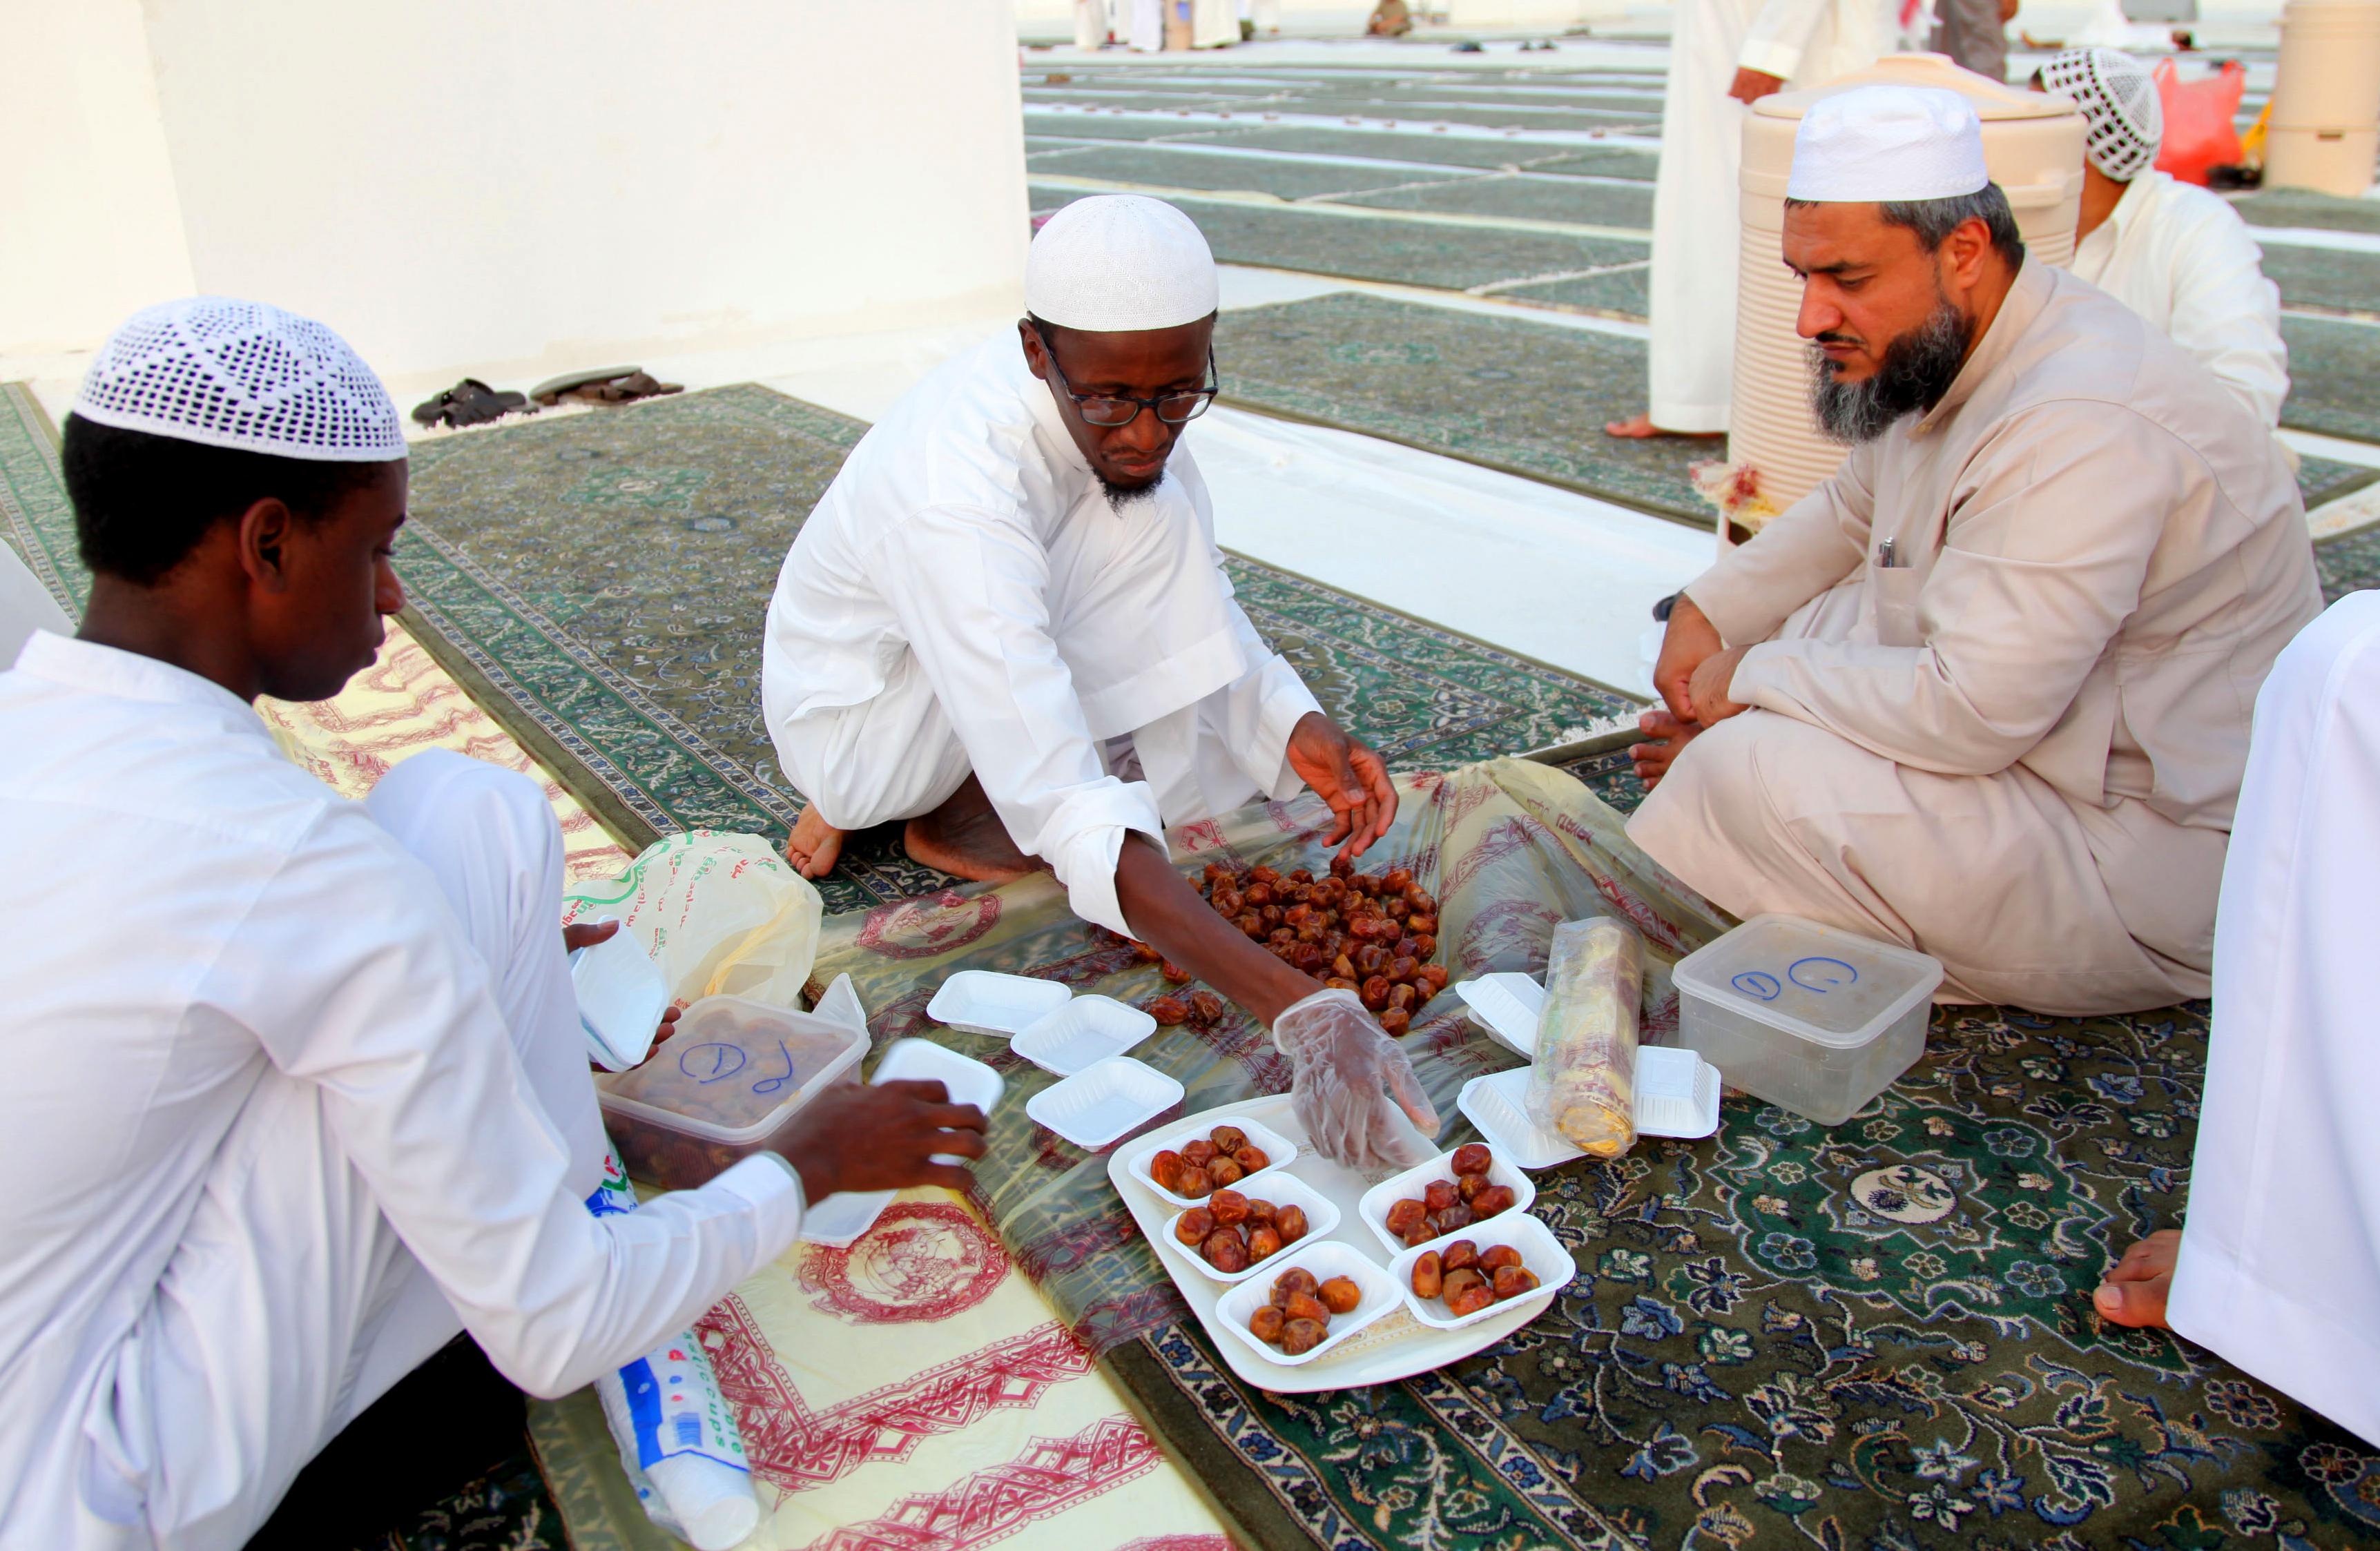 صائمون يتناولون وجبة الإفطار في مكة